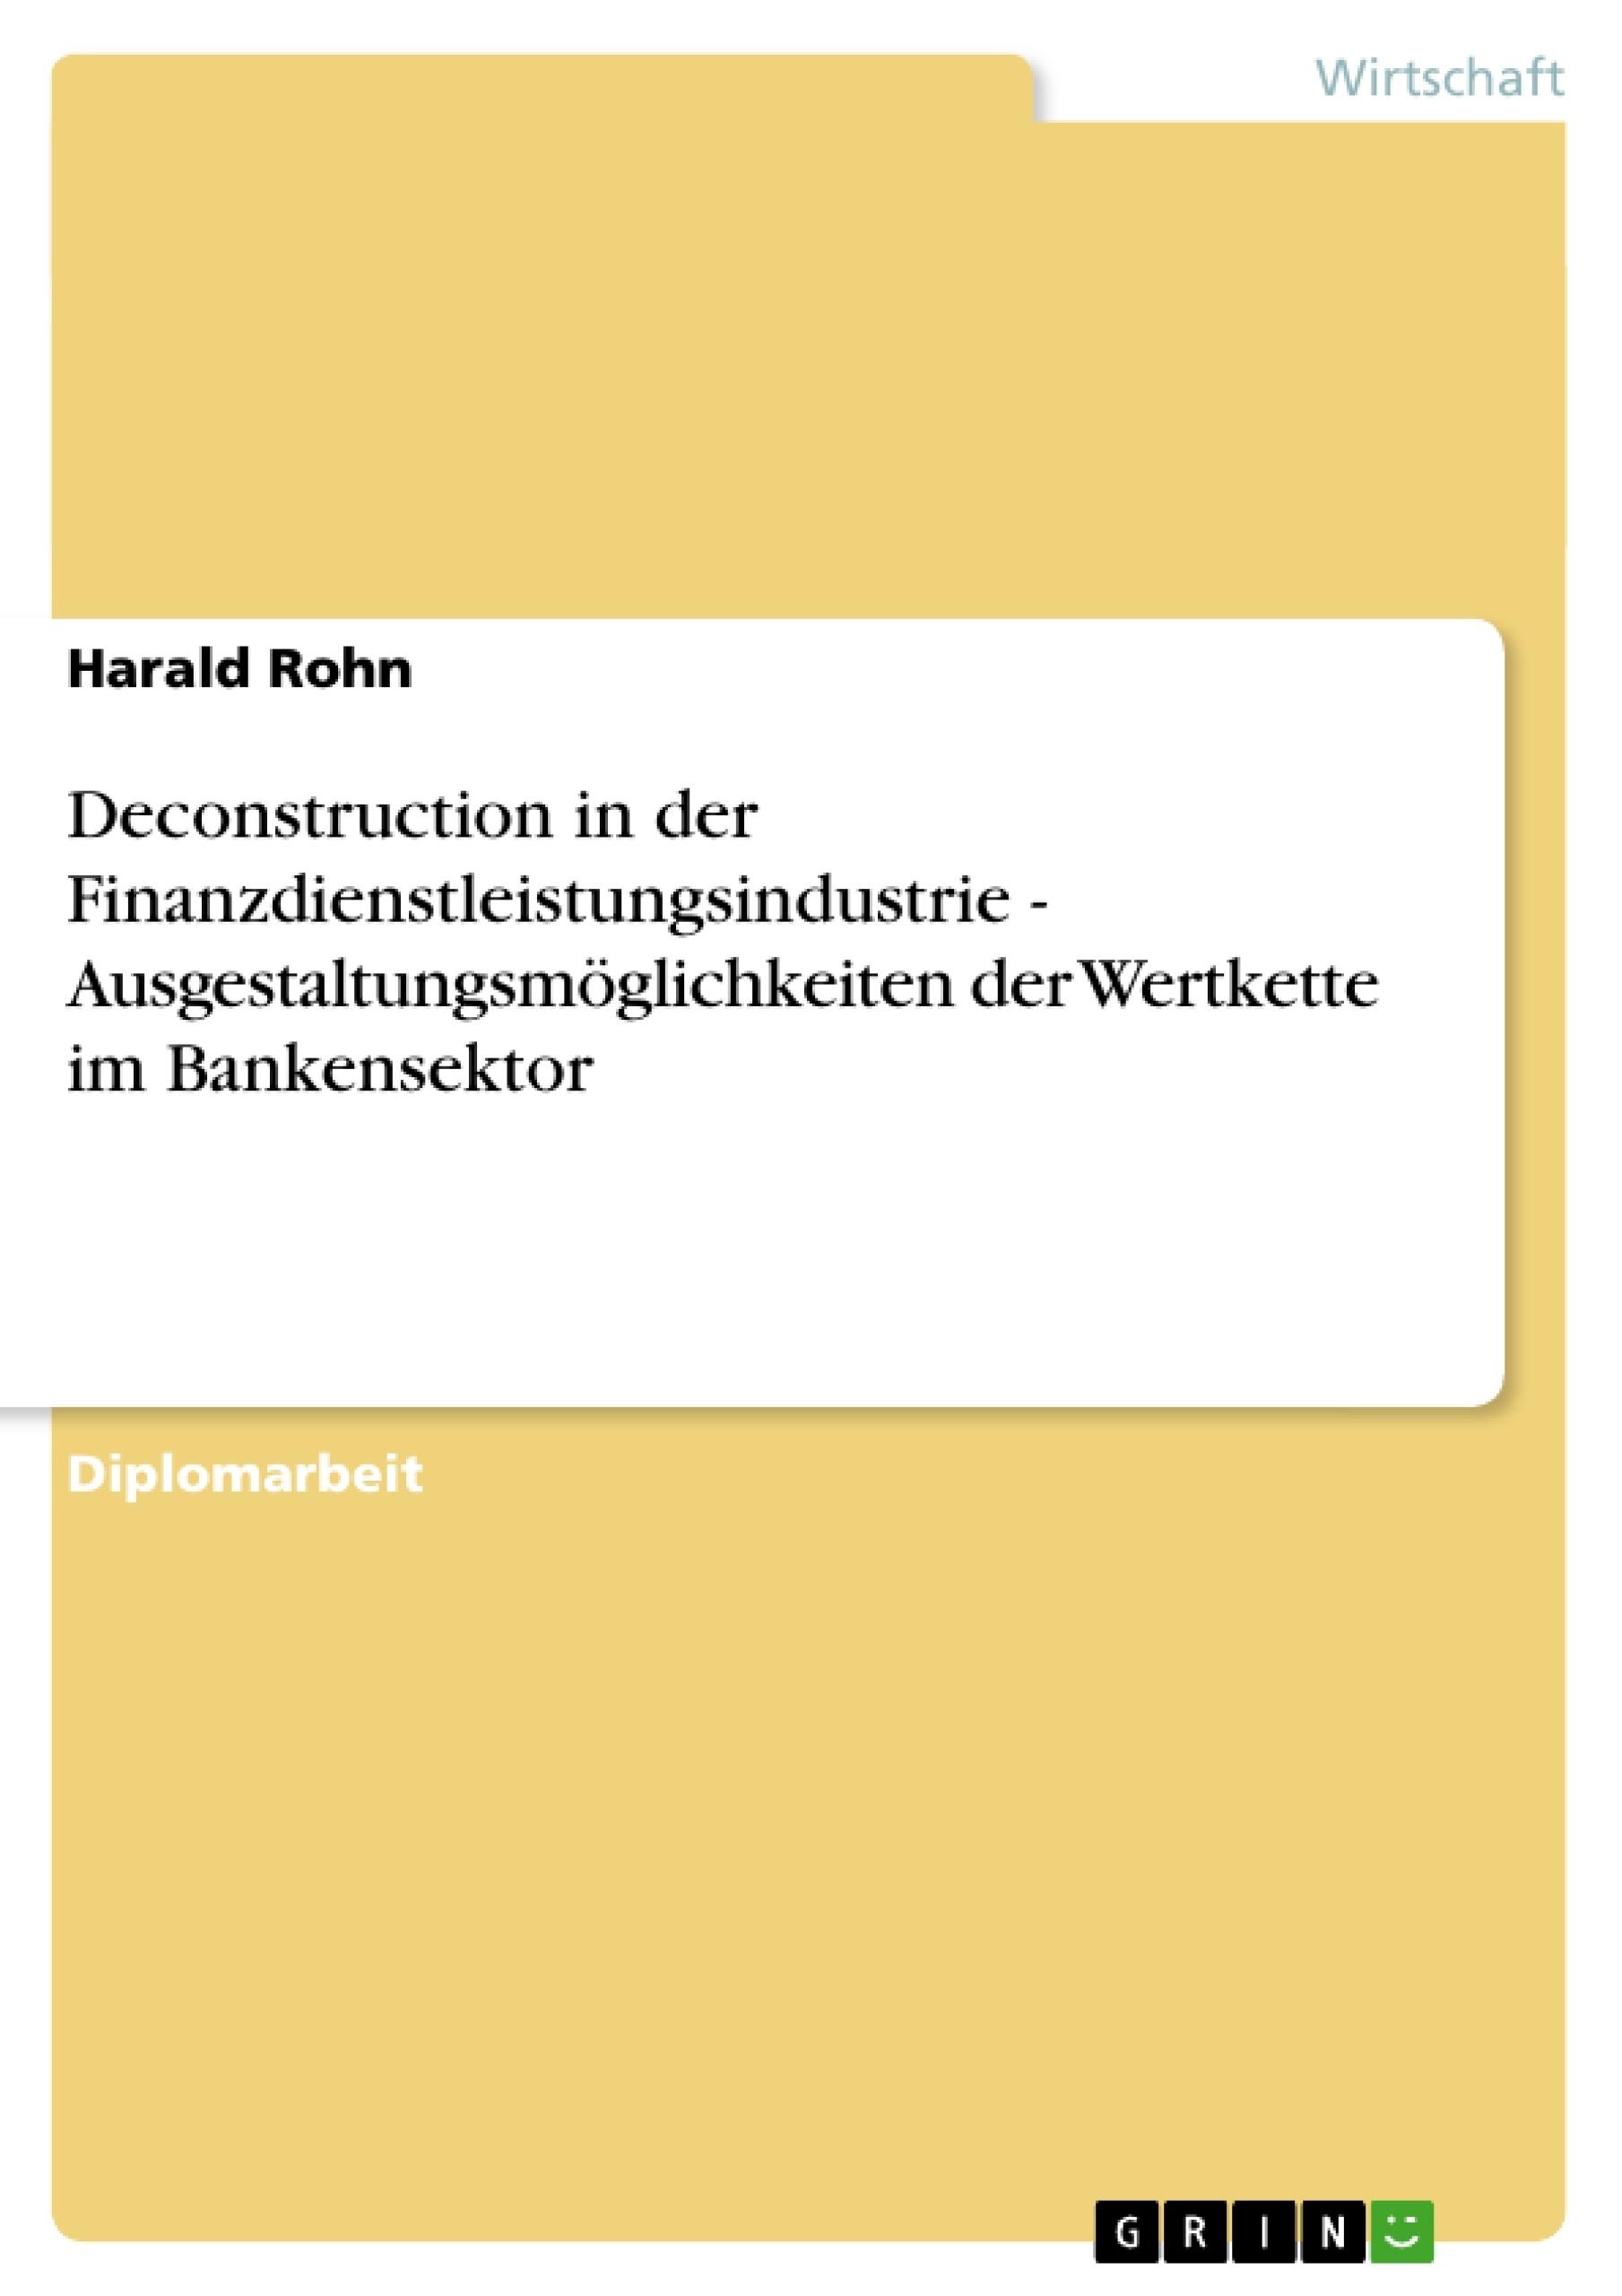 Titel: Deconstruction in der Finanzdienstleistungsindustrie - Ausgestaltungsmöglichkeiten der Wertkette im Bankensektor